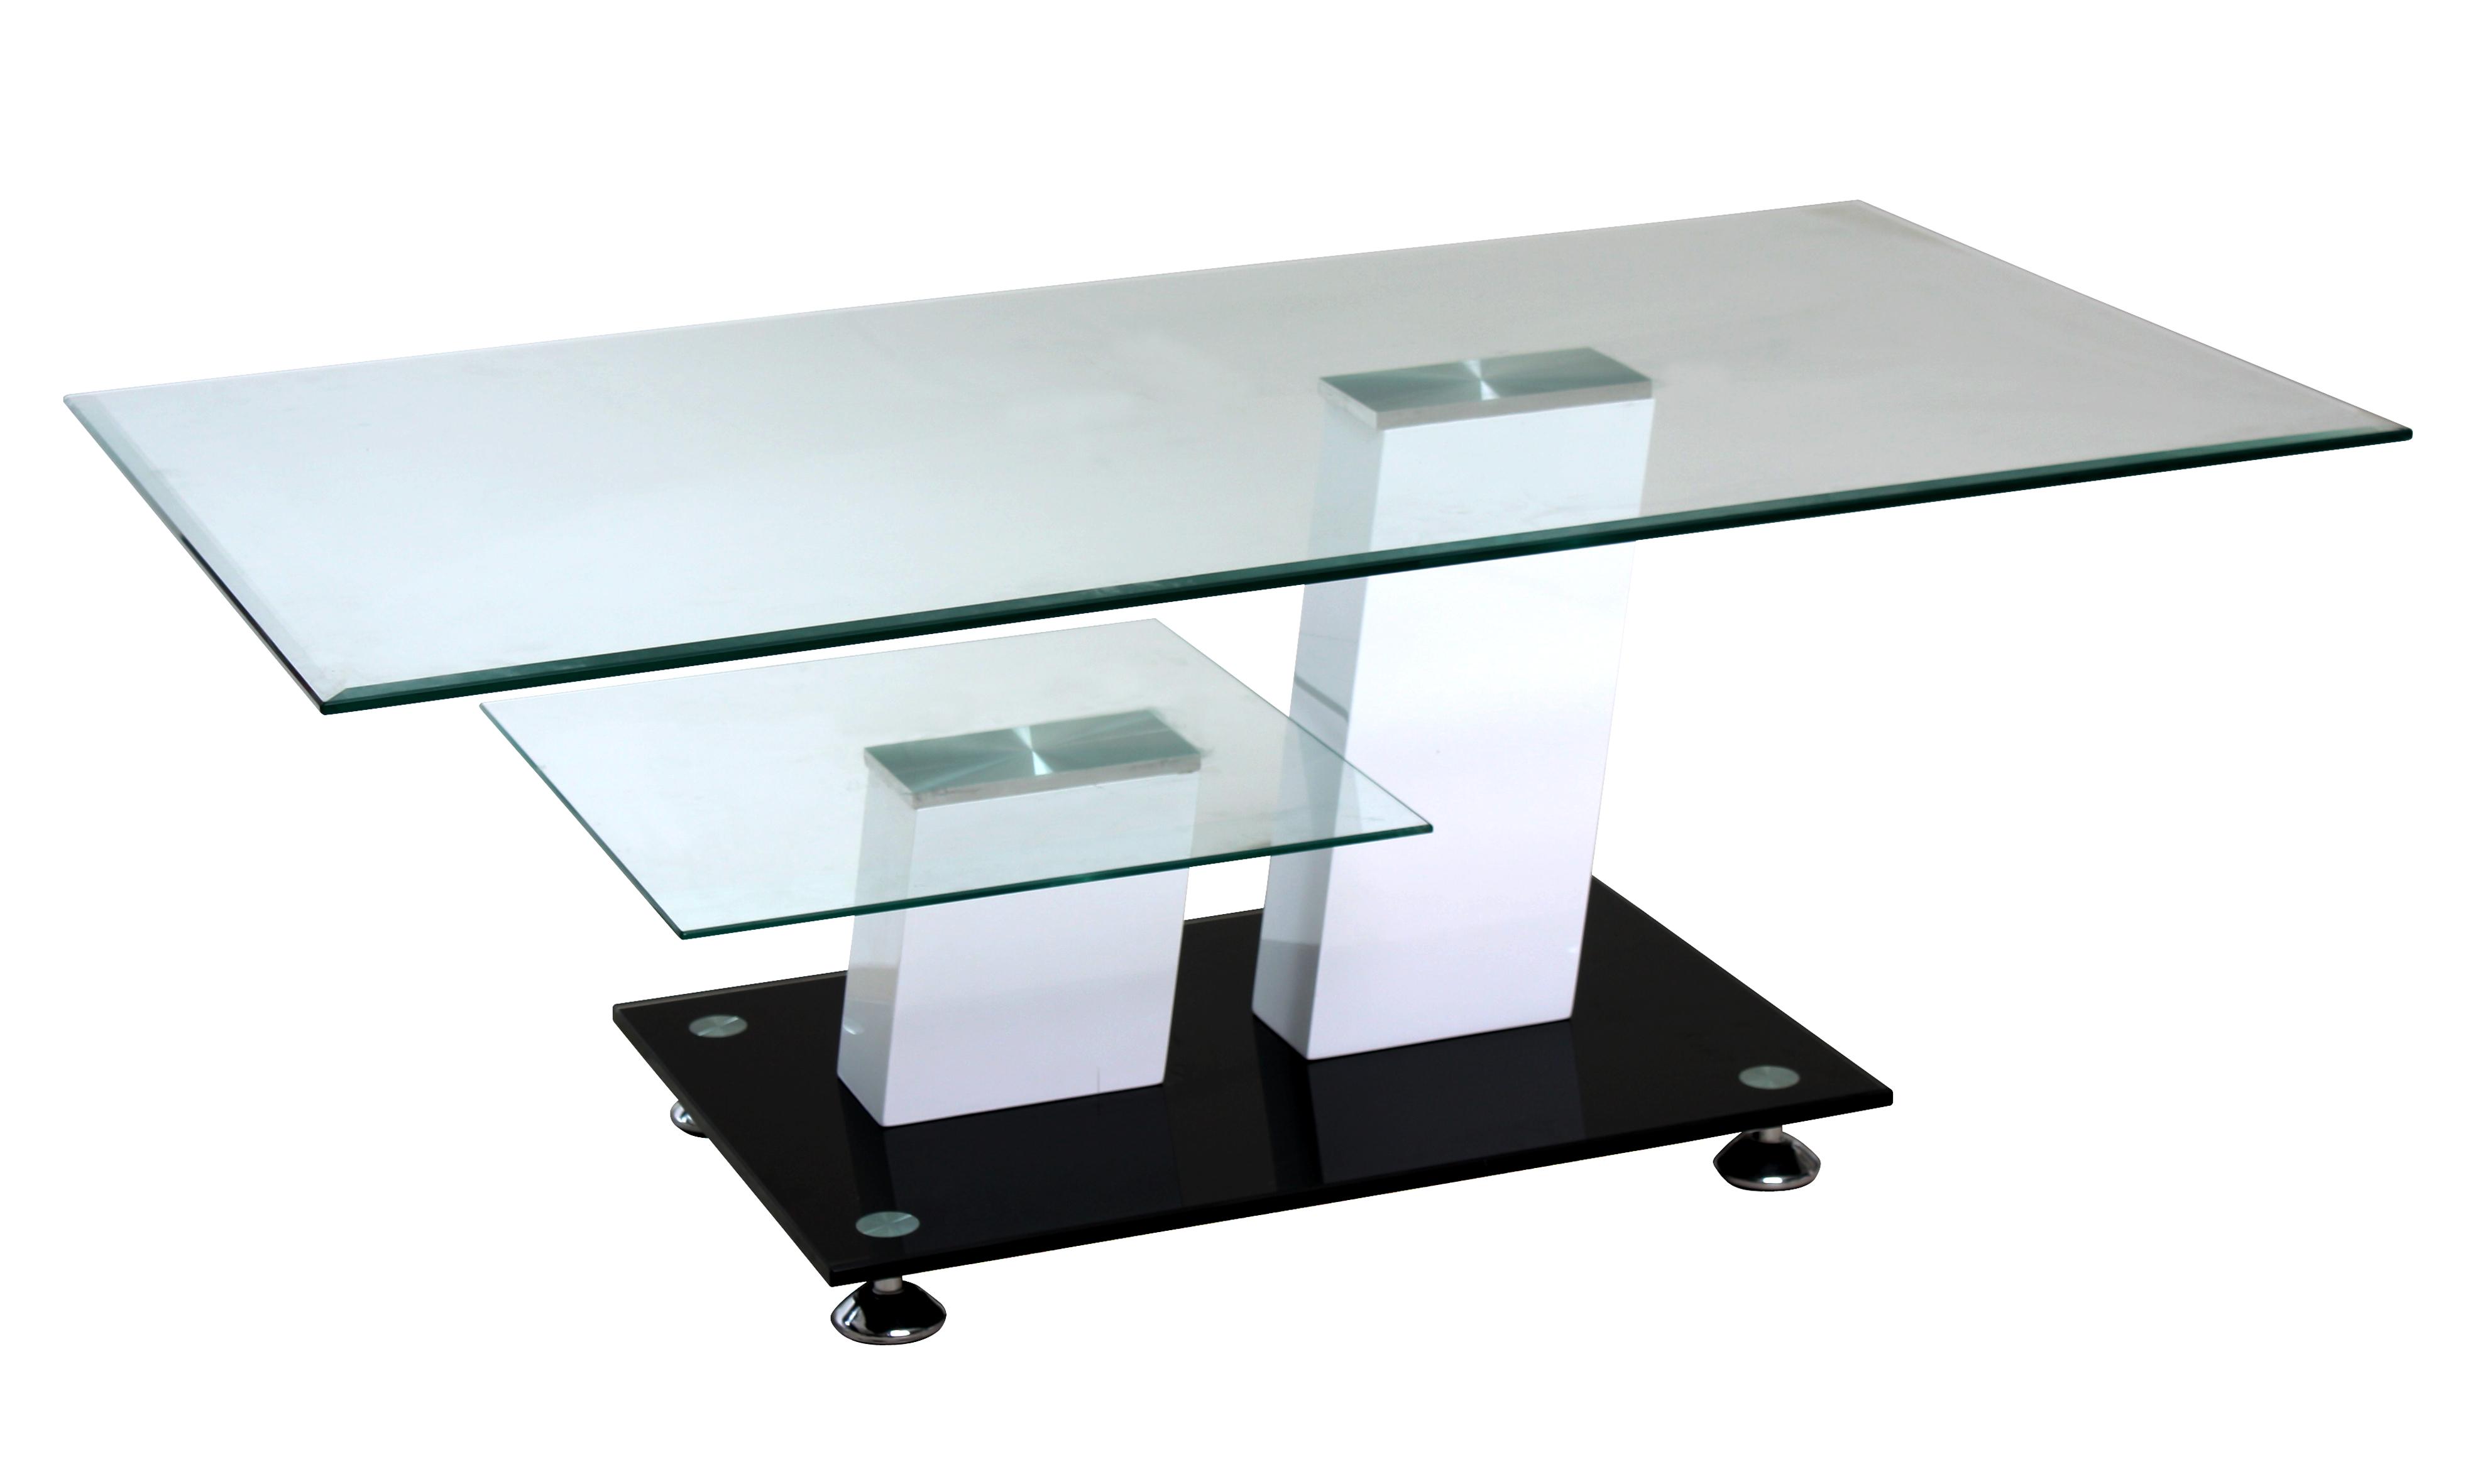 couchtisch sofatisch wohnzimmertisch glastisch tisch montreal 110x60cm glas 4050747326976 ebay. Black Bedroom Furniture Sets. Home Design Ideas